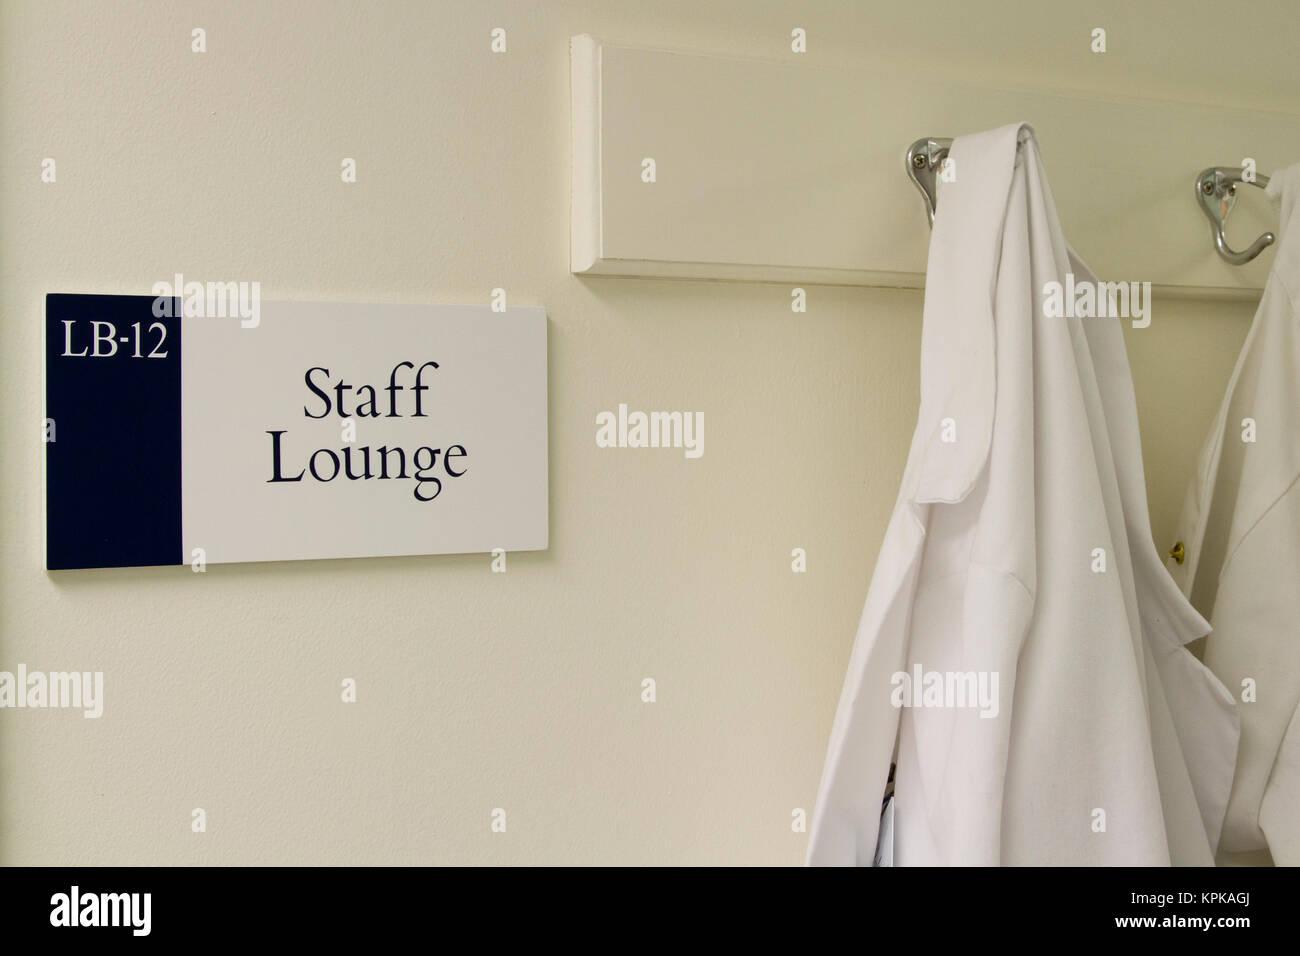 Manteau de laboratoire au salon du personnel à l'hôpital laboratoire. Photo Stock